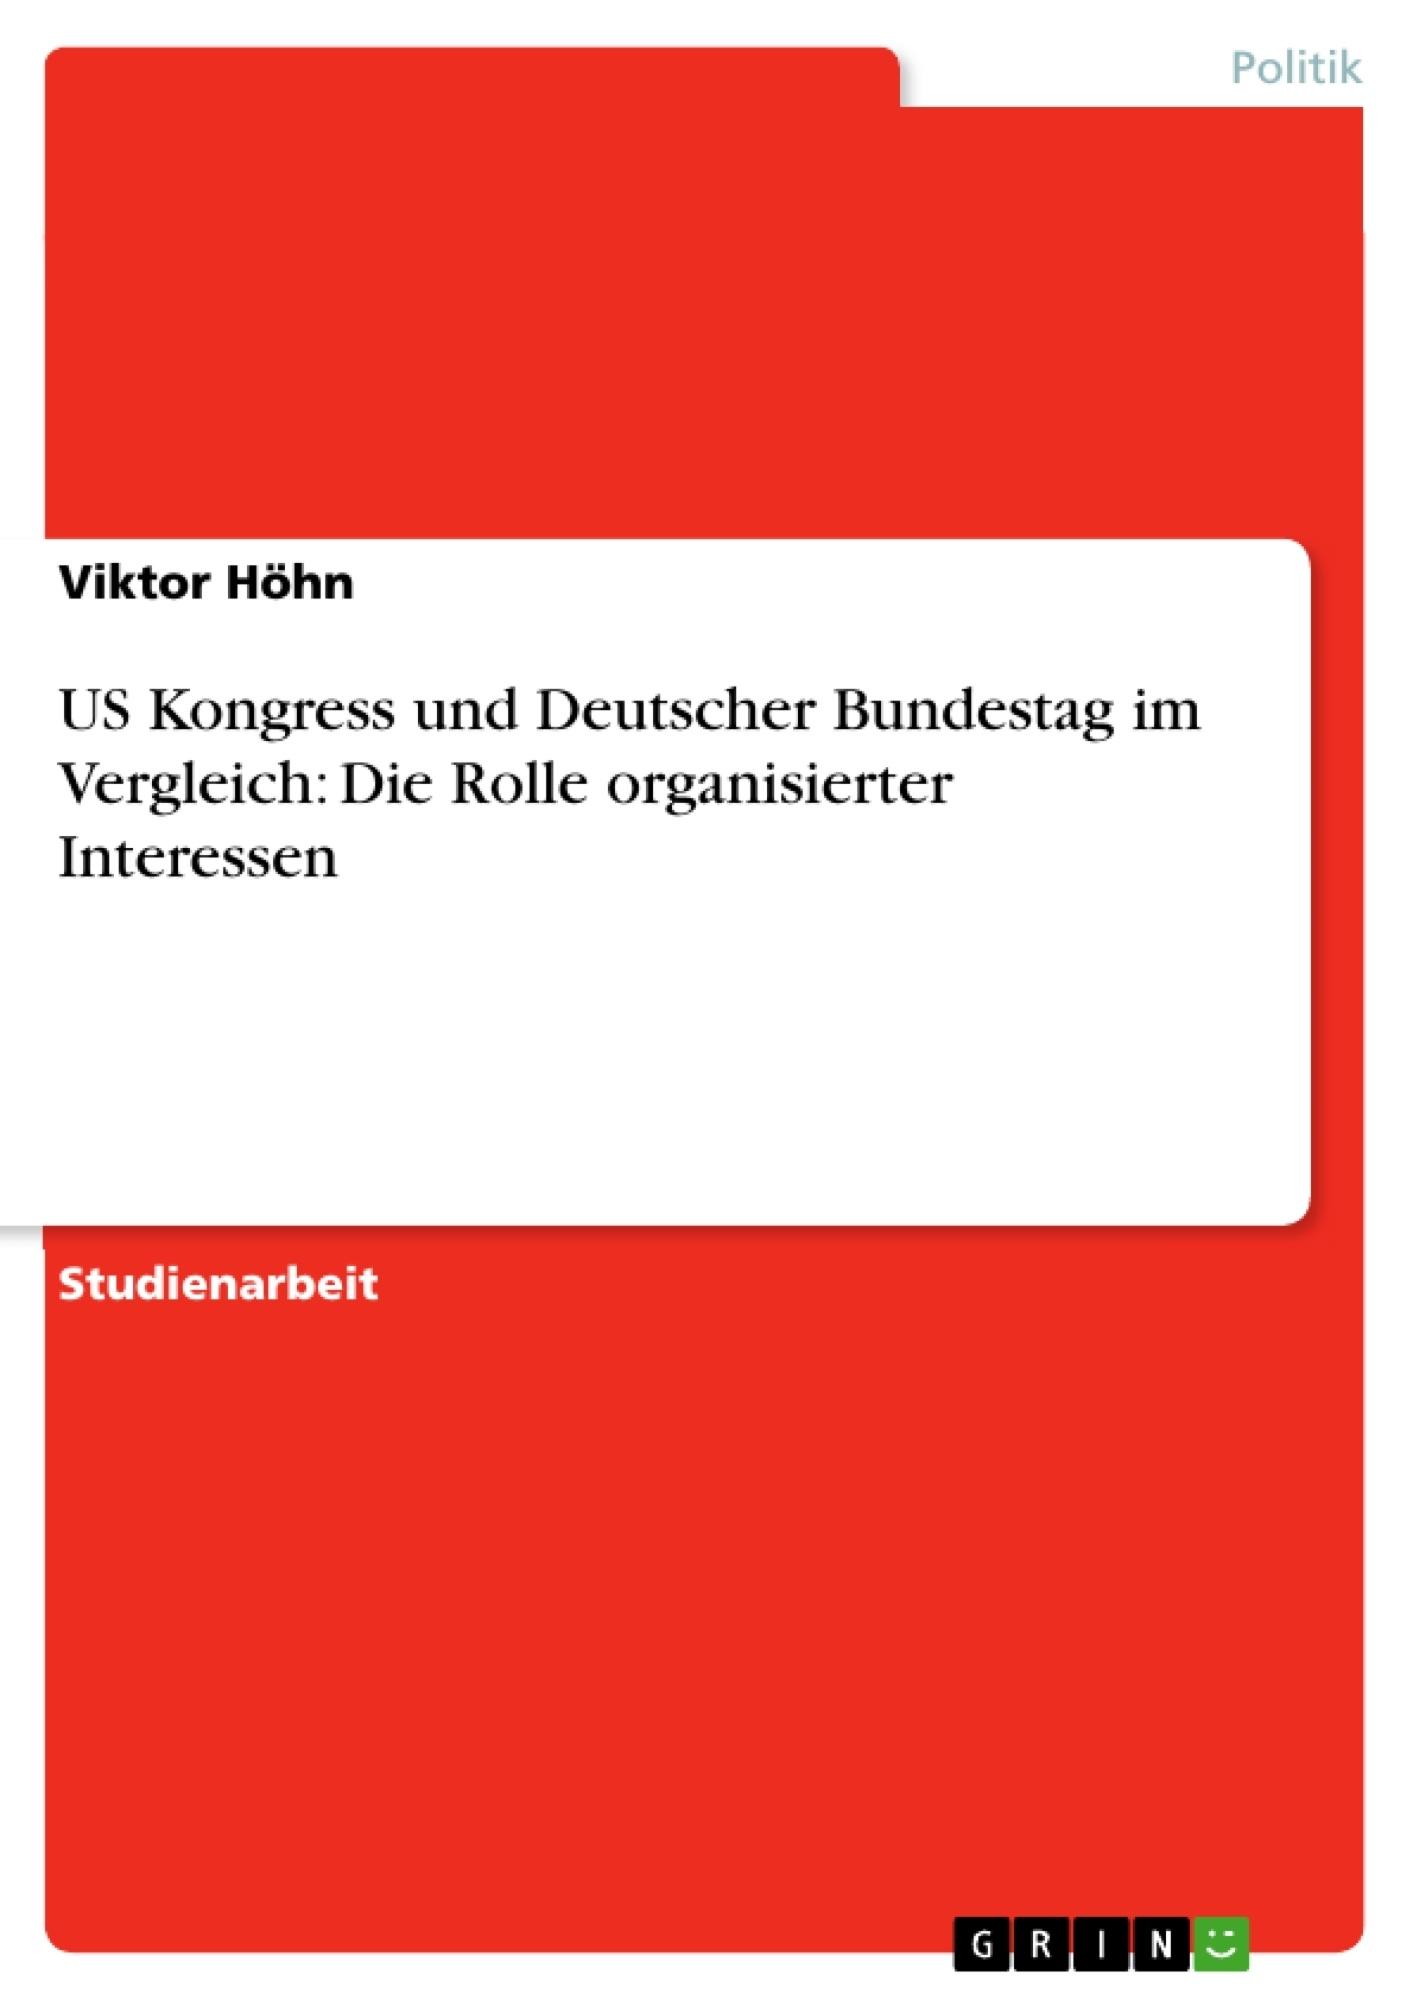 Titel: US Kongress und Deutscher Bundestag im Vergleich: Die Rolle organisierter Interessen